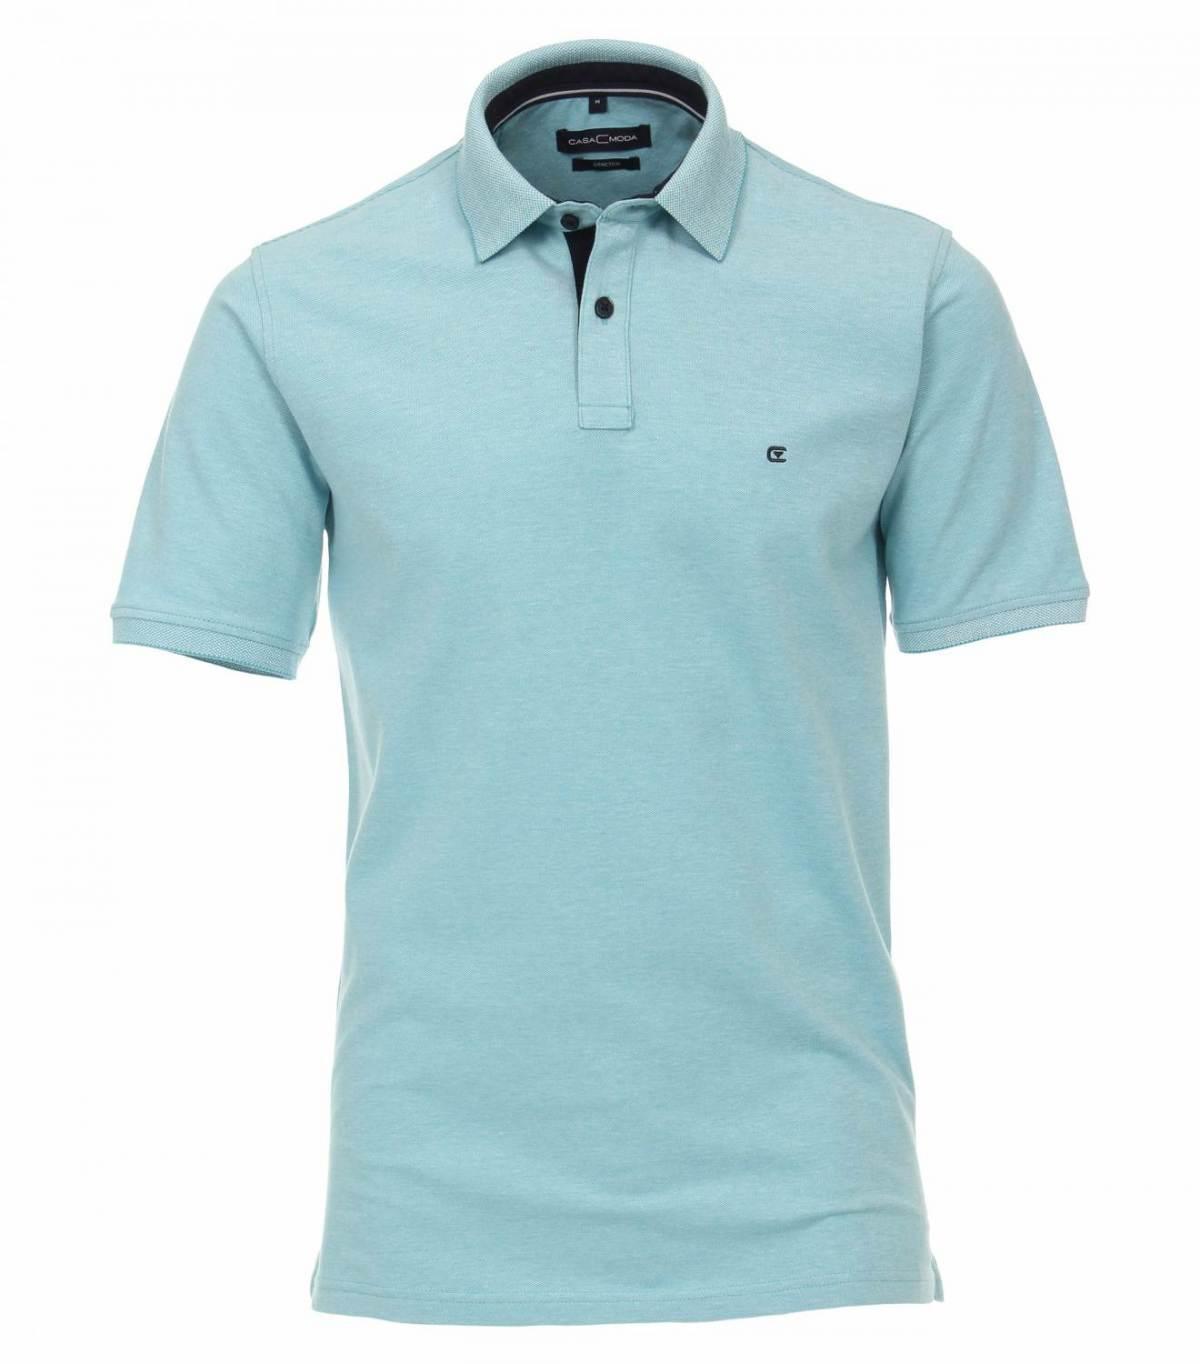 004470 397 - - Con Murphys Menswear